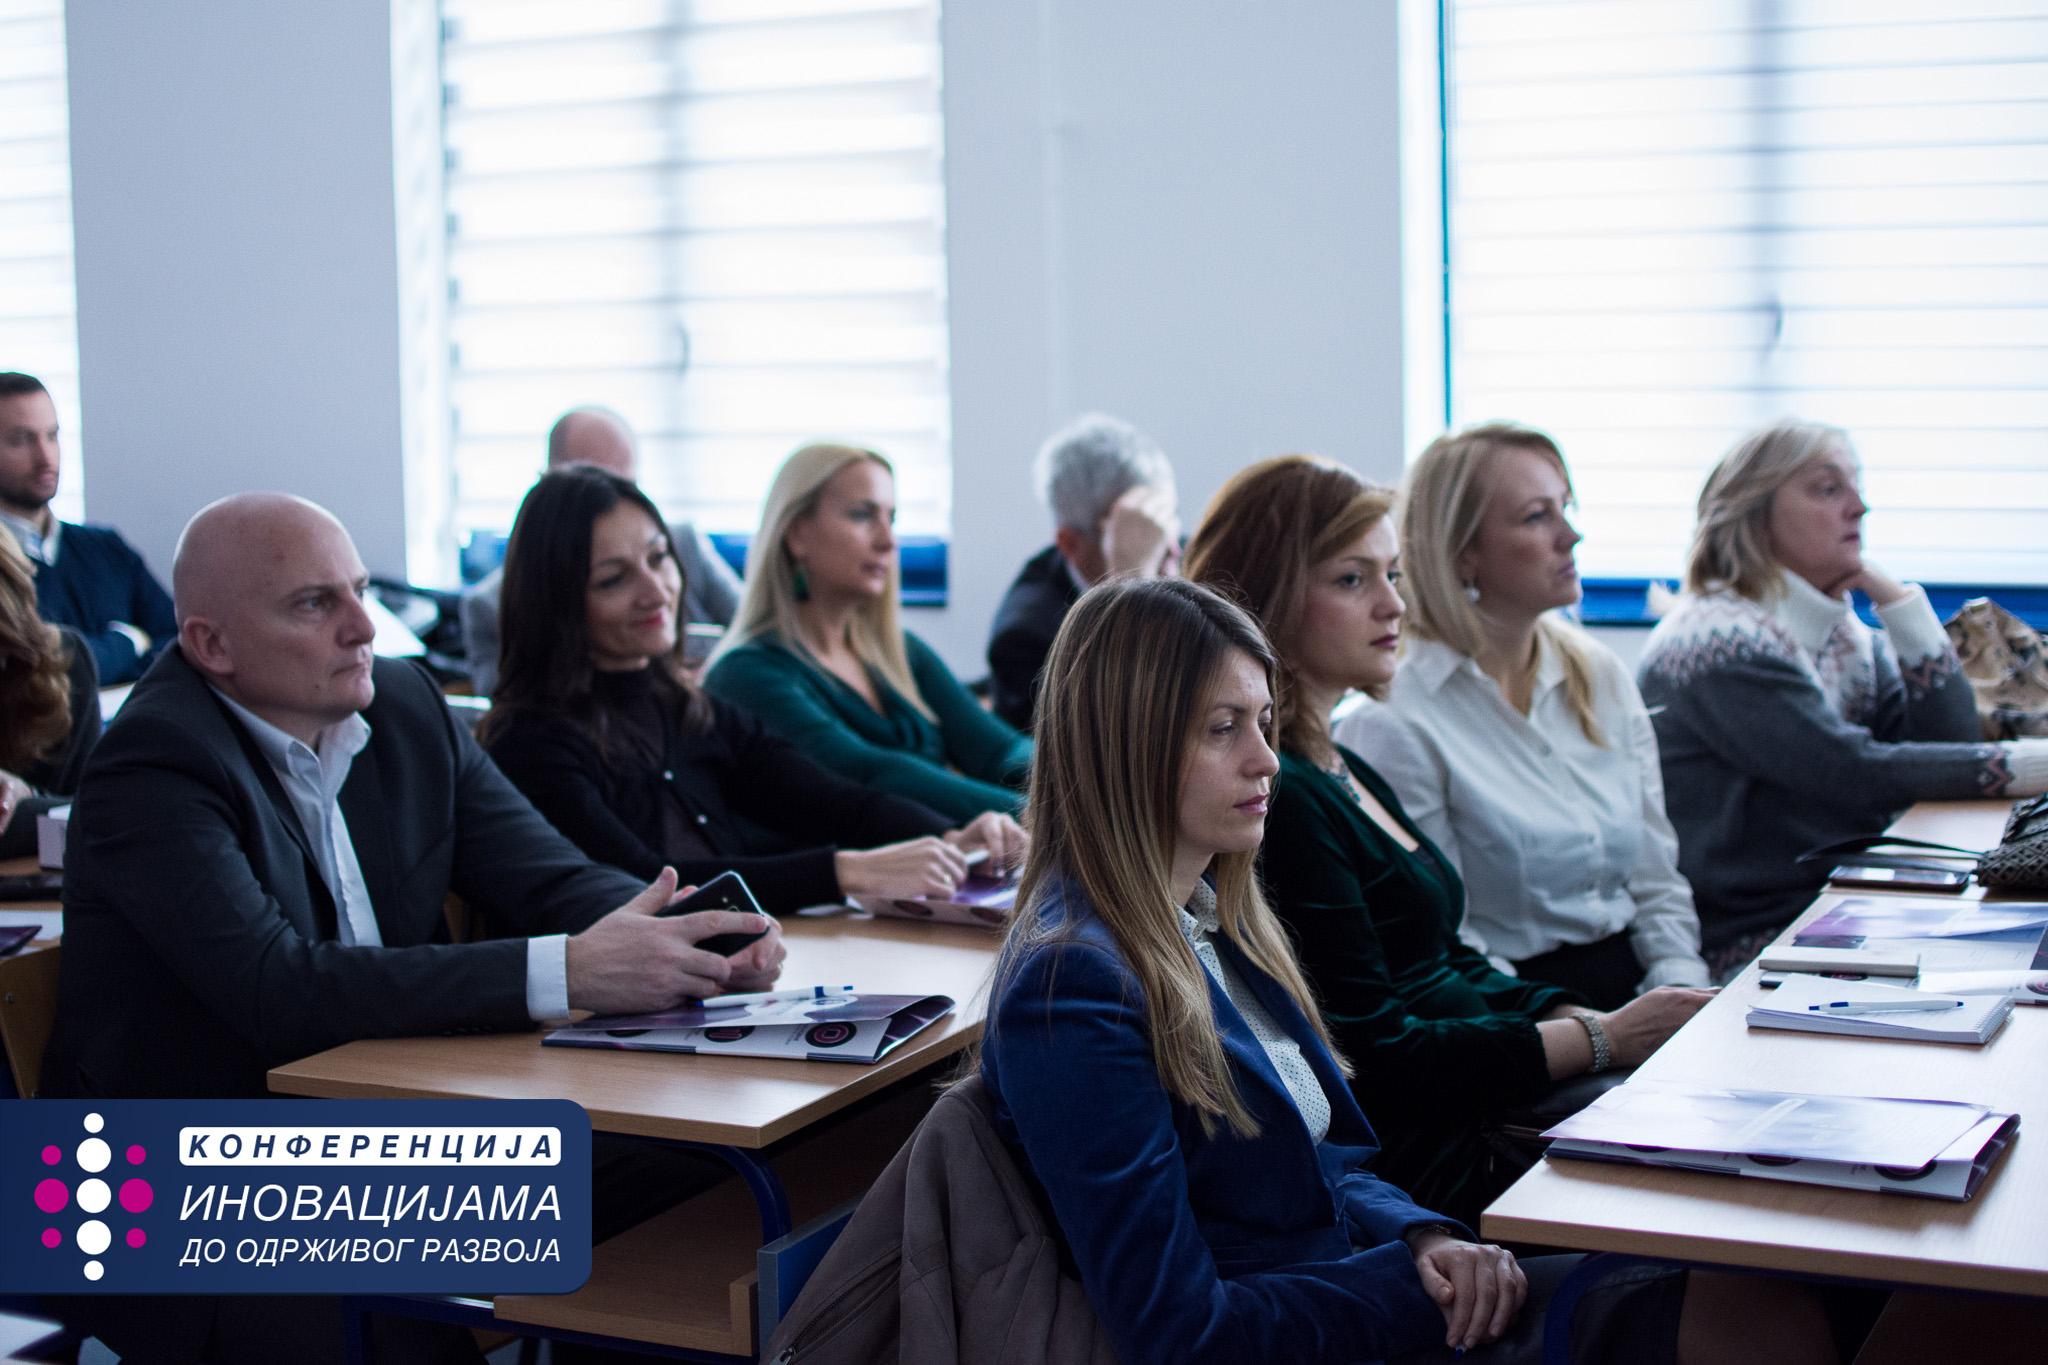 MEF Fakultet - izvestaj sa konferencije 35